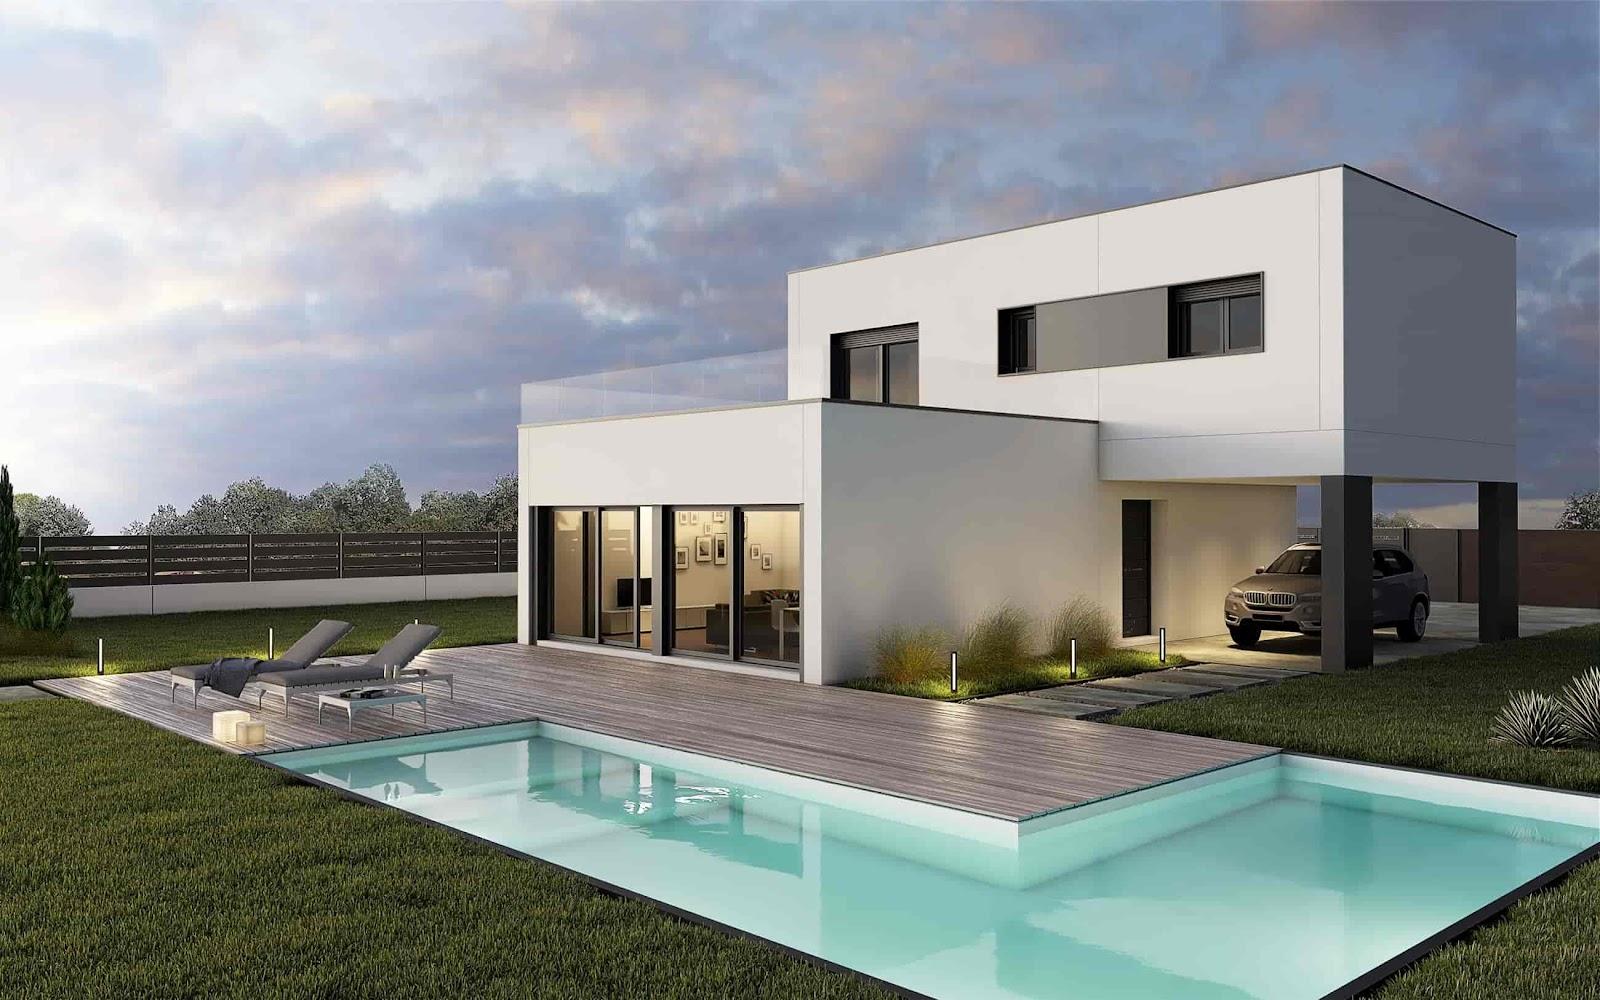 casa-prefabricada-elegante-hormigon